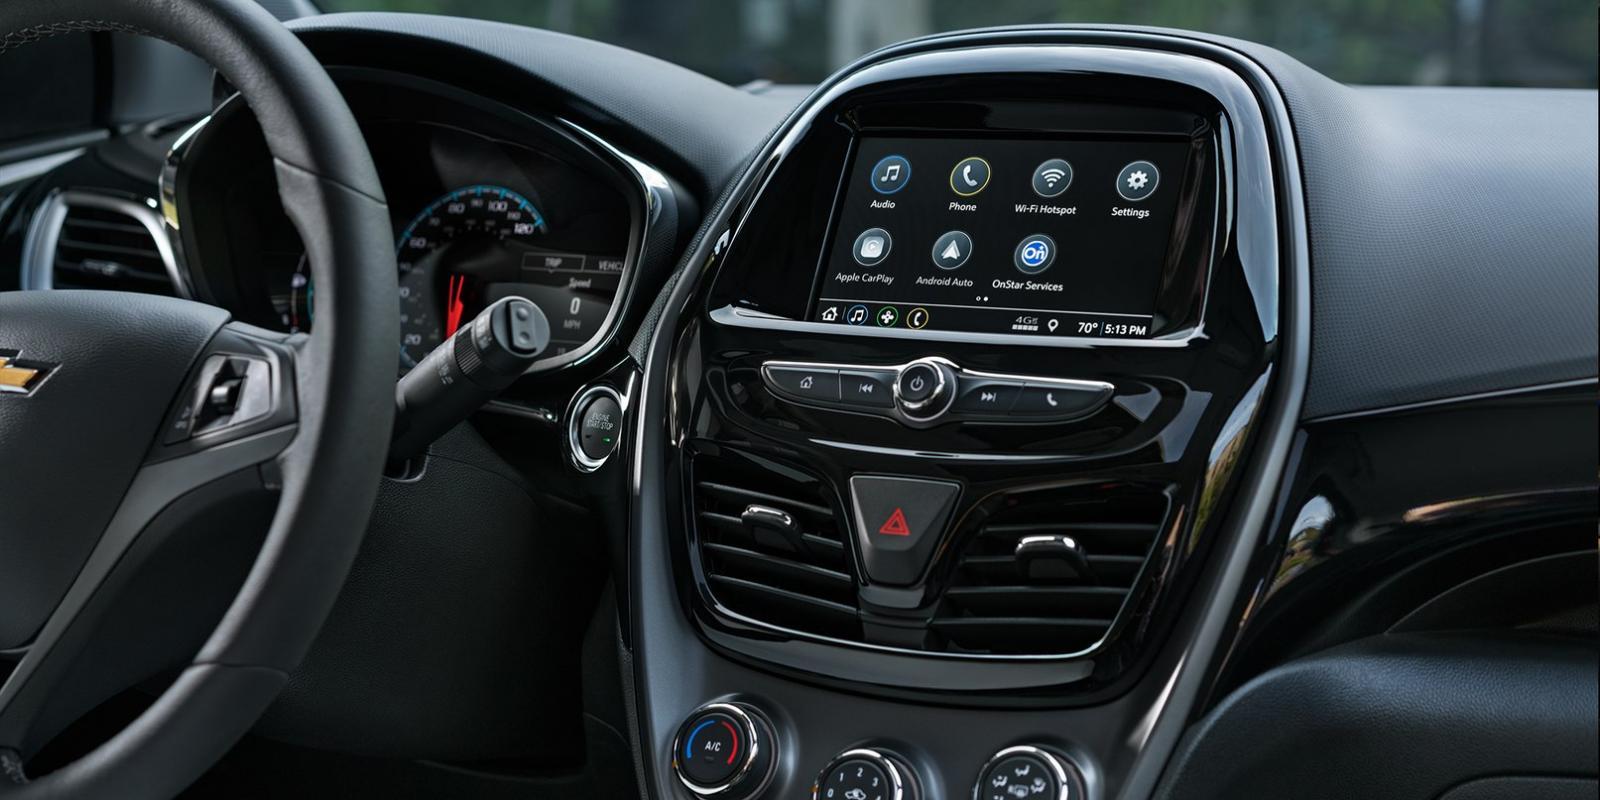 Pantalla táctil de 7 pulgadas de Chevrolet Spark 2019 precio en México